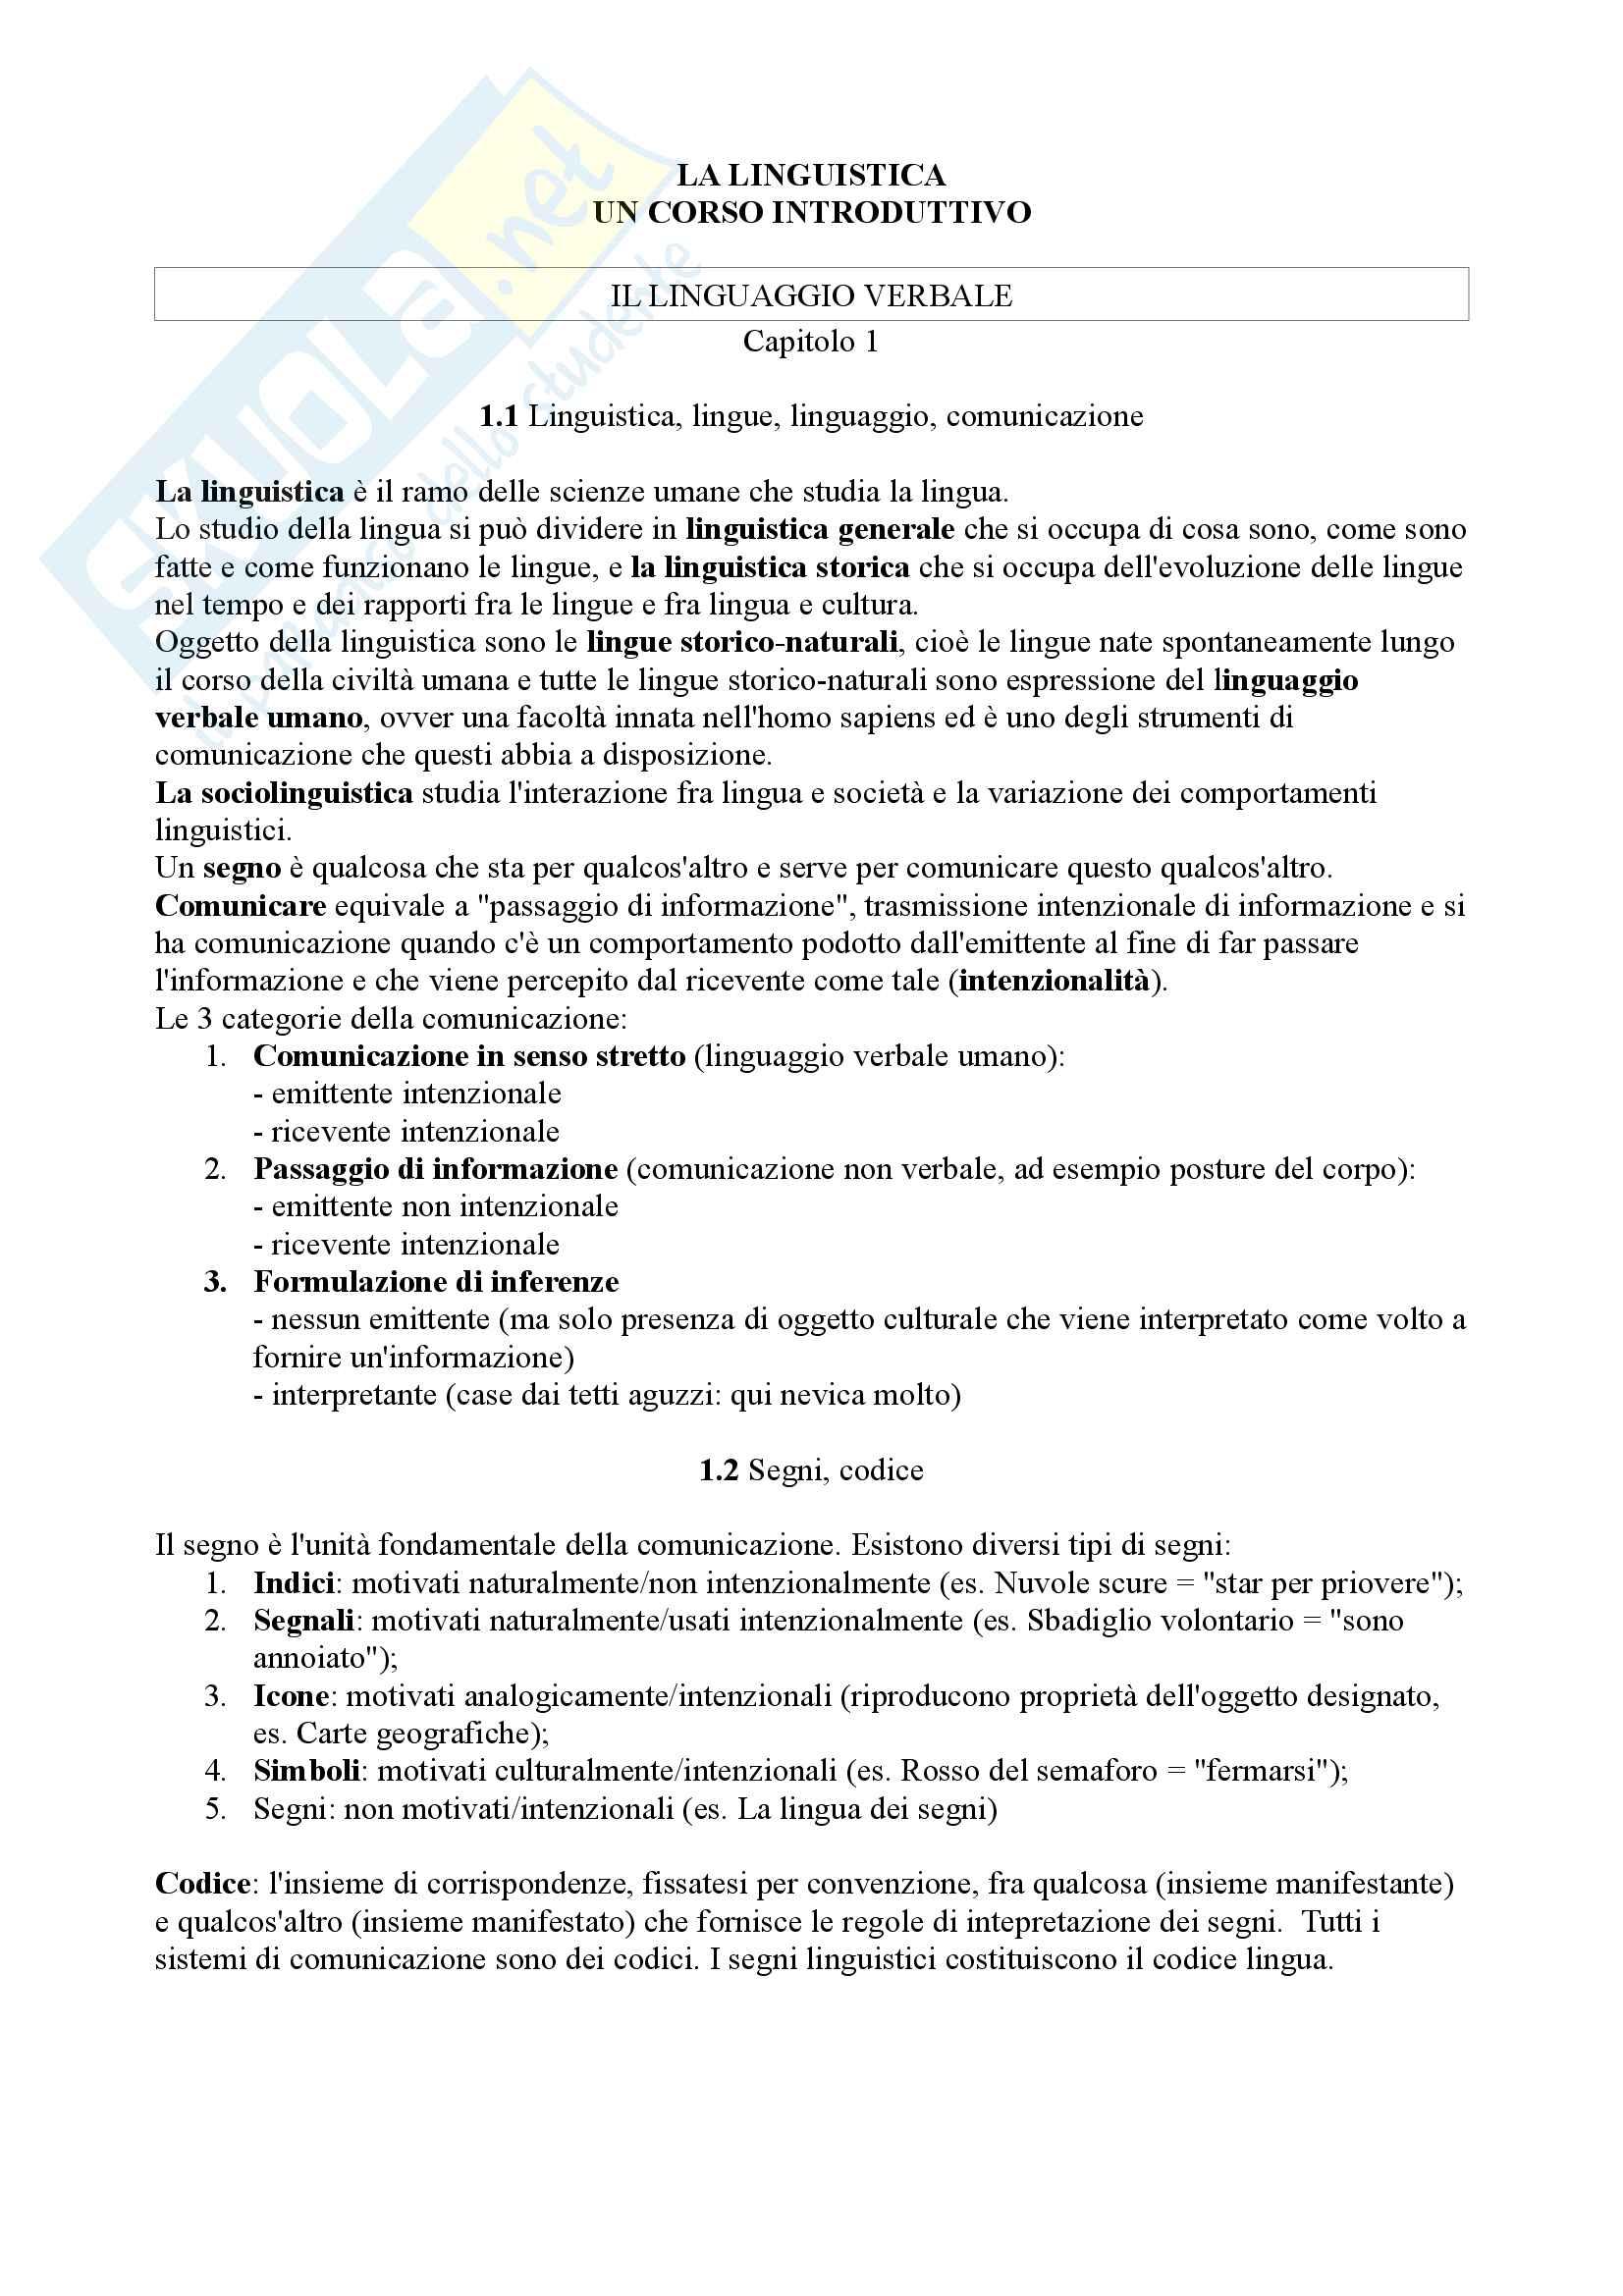 Riassunto esame Fondamenti di Linguistica, docente Marinetti Anna, libro consigliato La Linguistica - un corso introduttivo di G. Berruto, M. Cerrutti